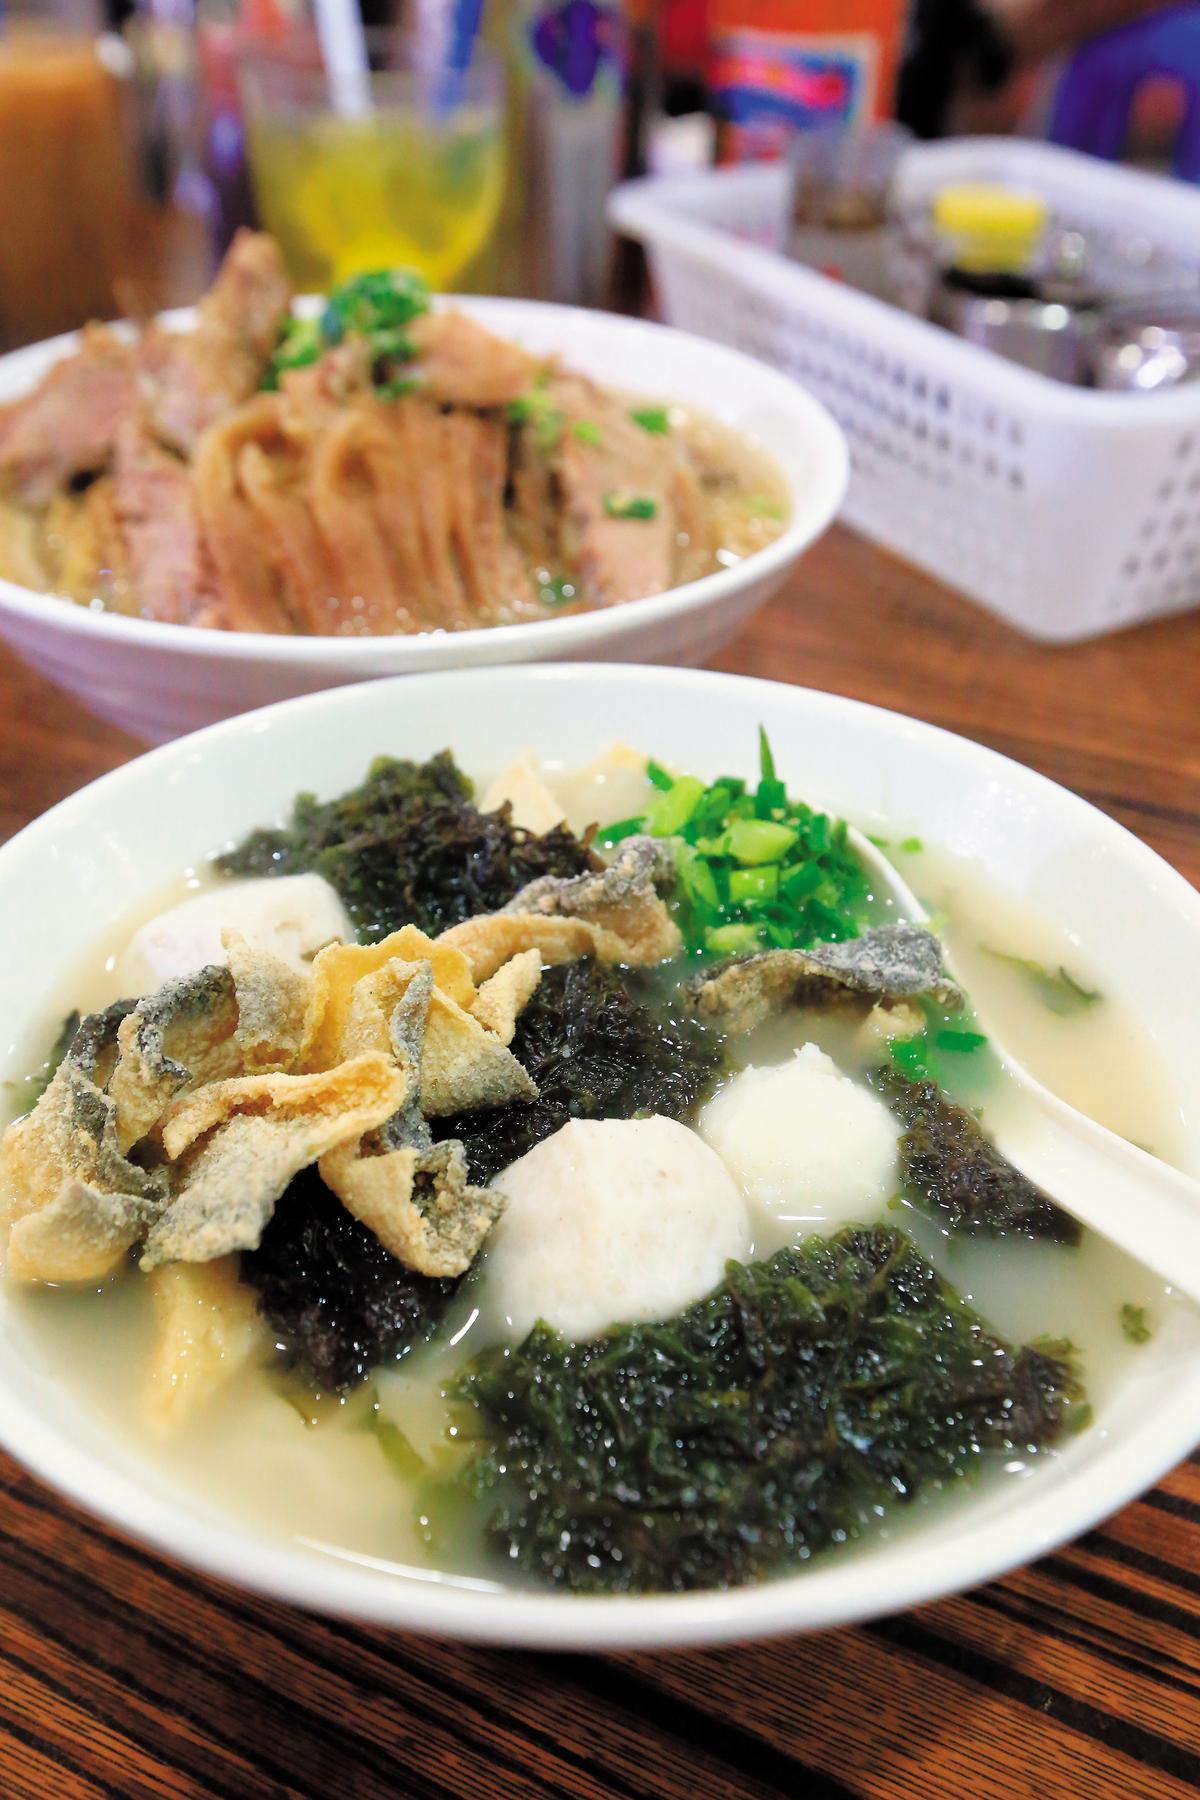 「紫菜四寶麵」裡有美味的魚蛋、魚皮、魚片頭。(港幣36元/碗,約NT$141)